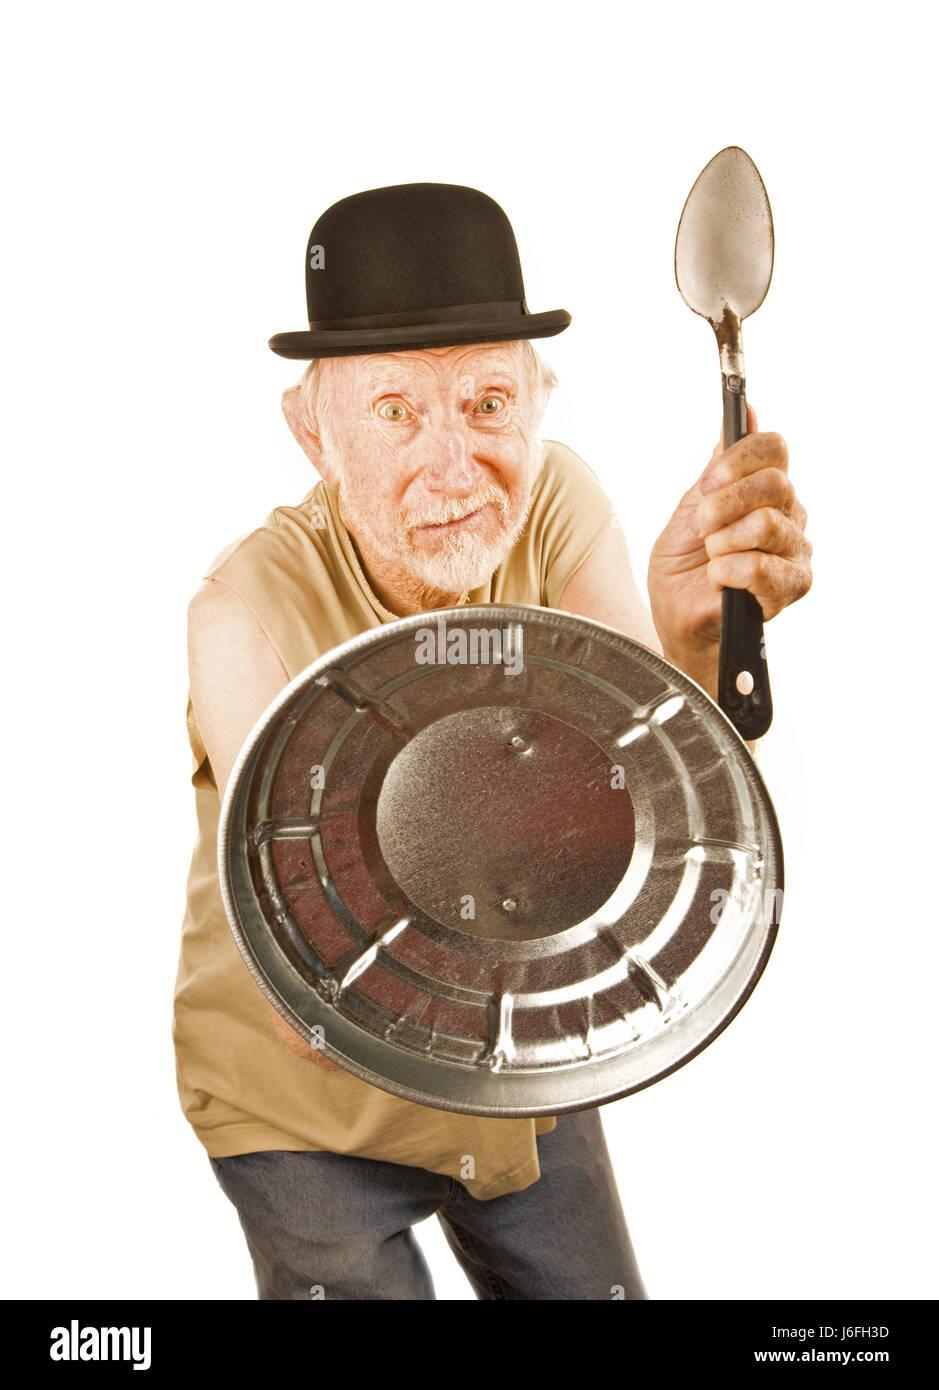 verrückte exzentrischen alten verrückte älteren Mann senior Senioren ältere person Stockbild